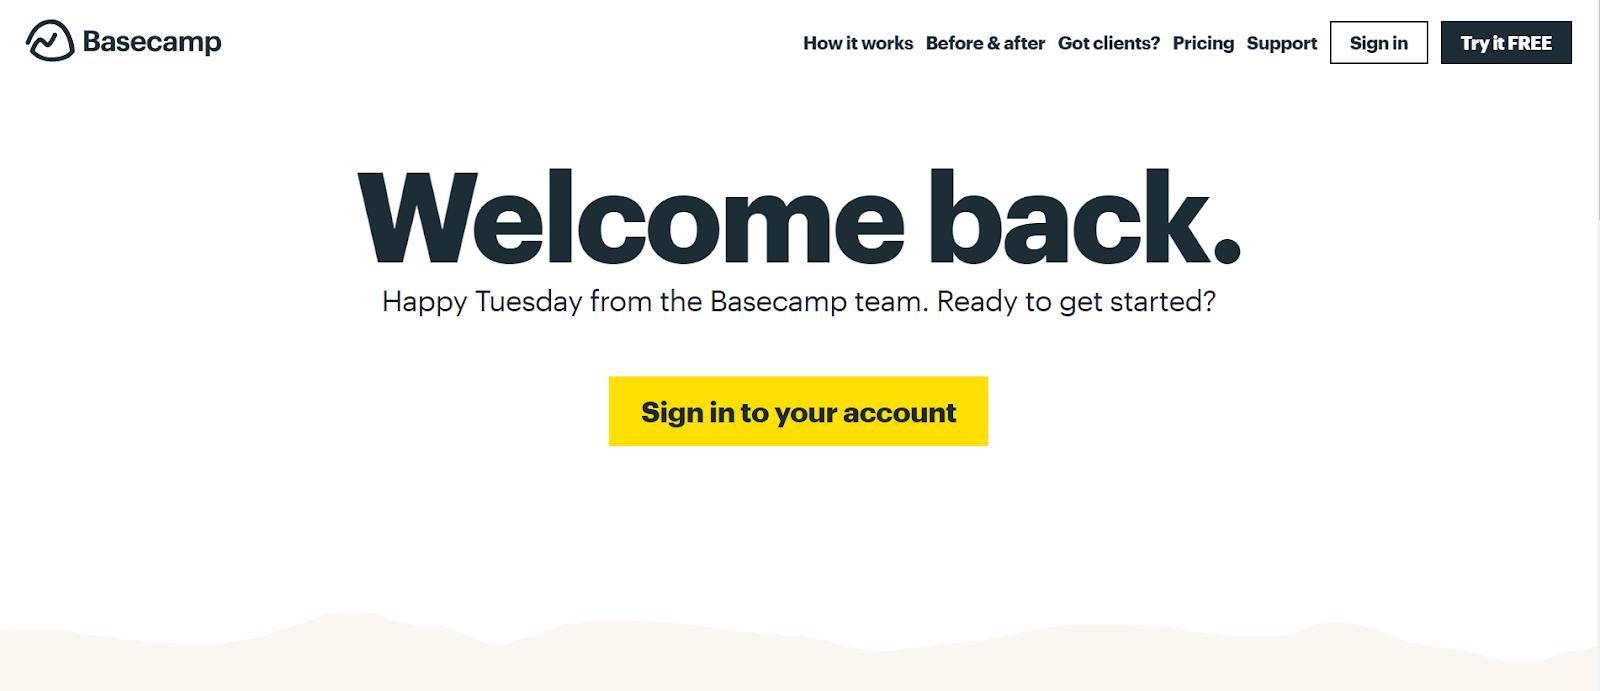 Вот так меня встречает сервис для управления проектами Basecamp. «Добро пожаловать назад. Войдите в свой аккаунт»